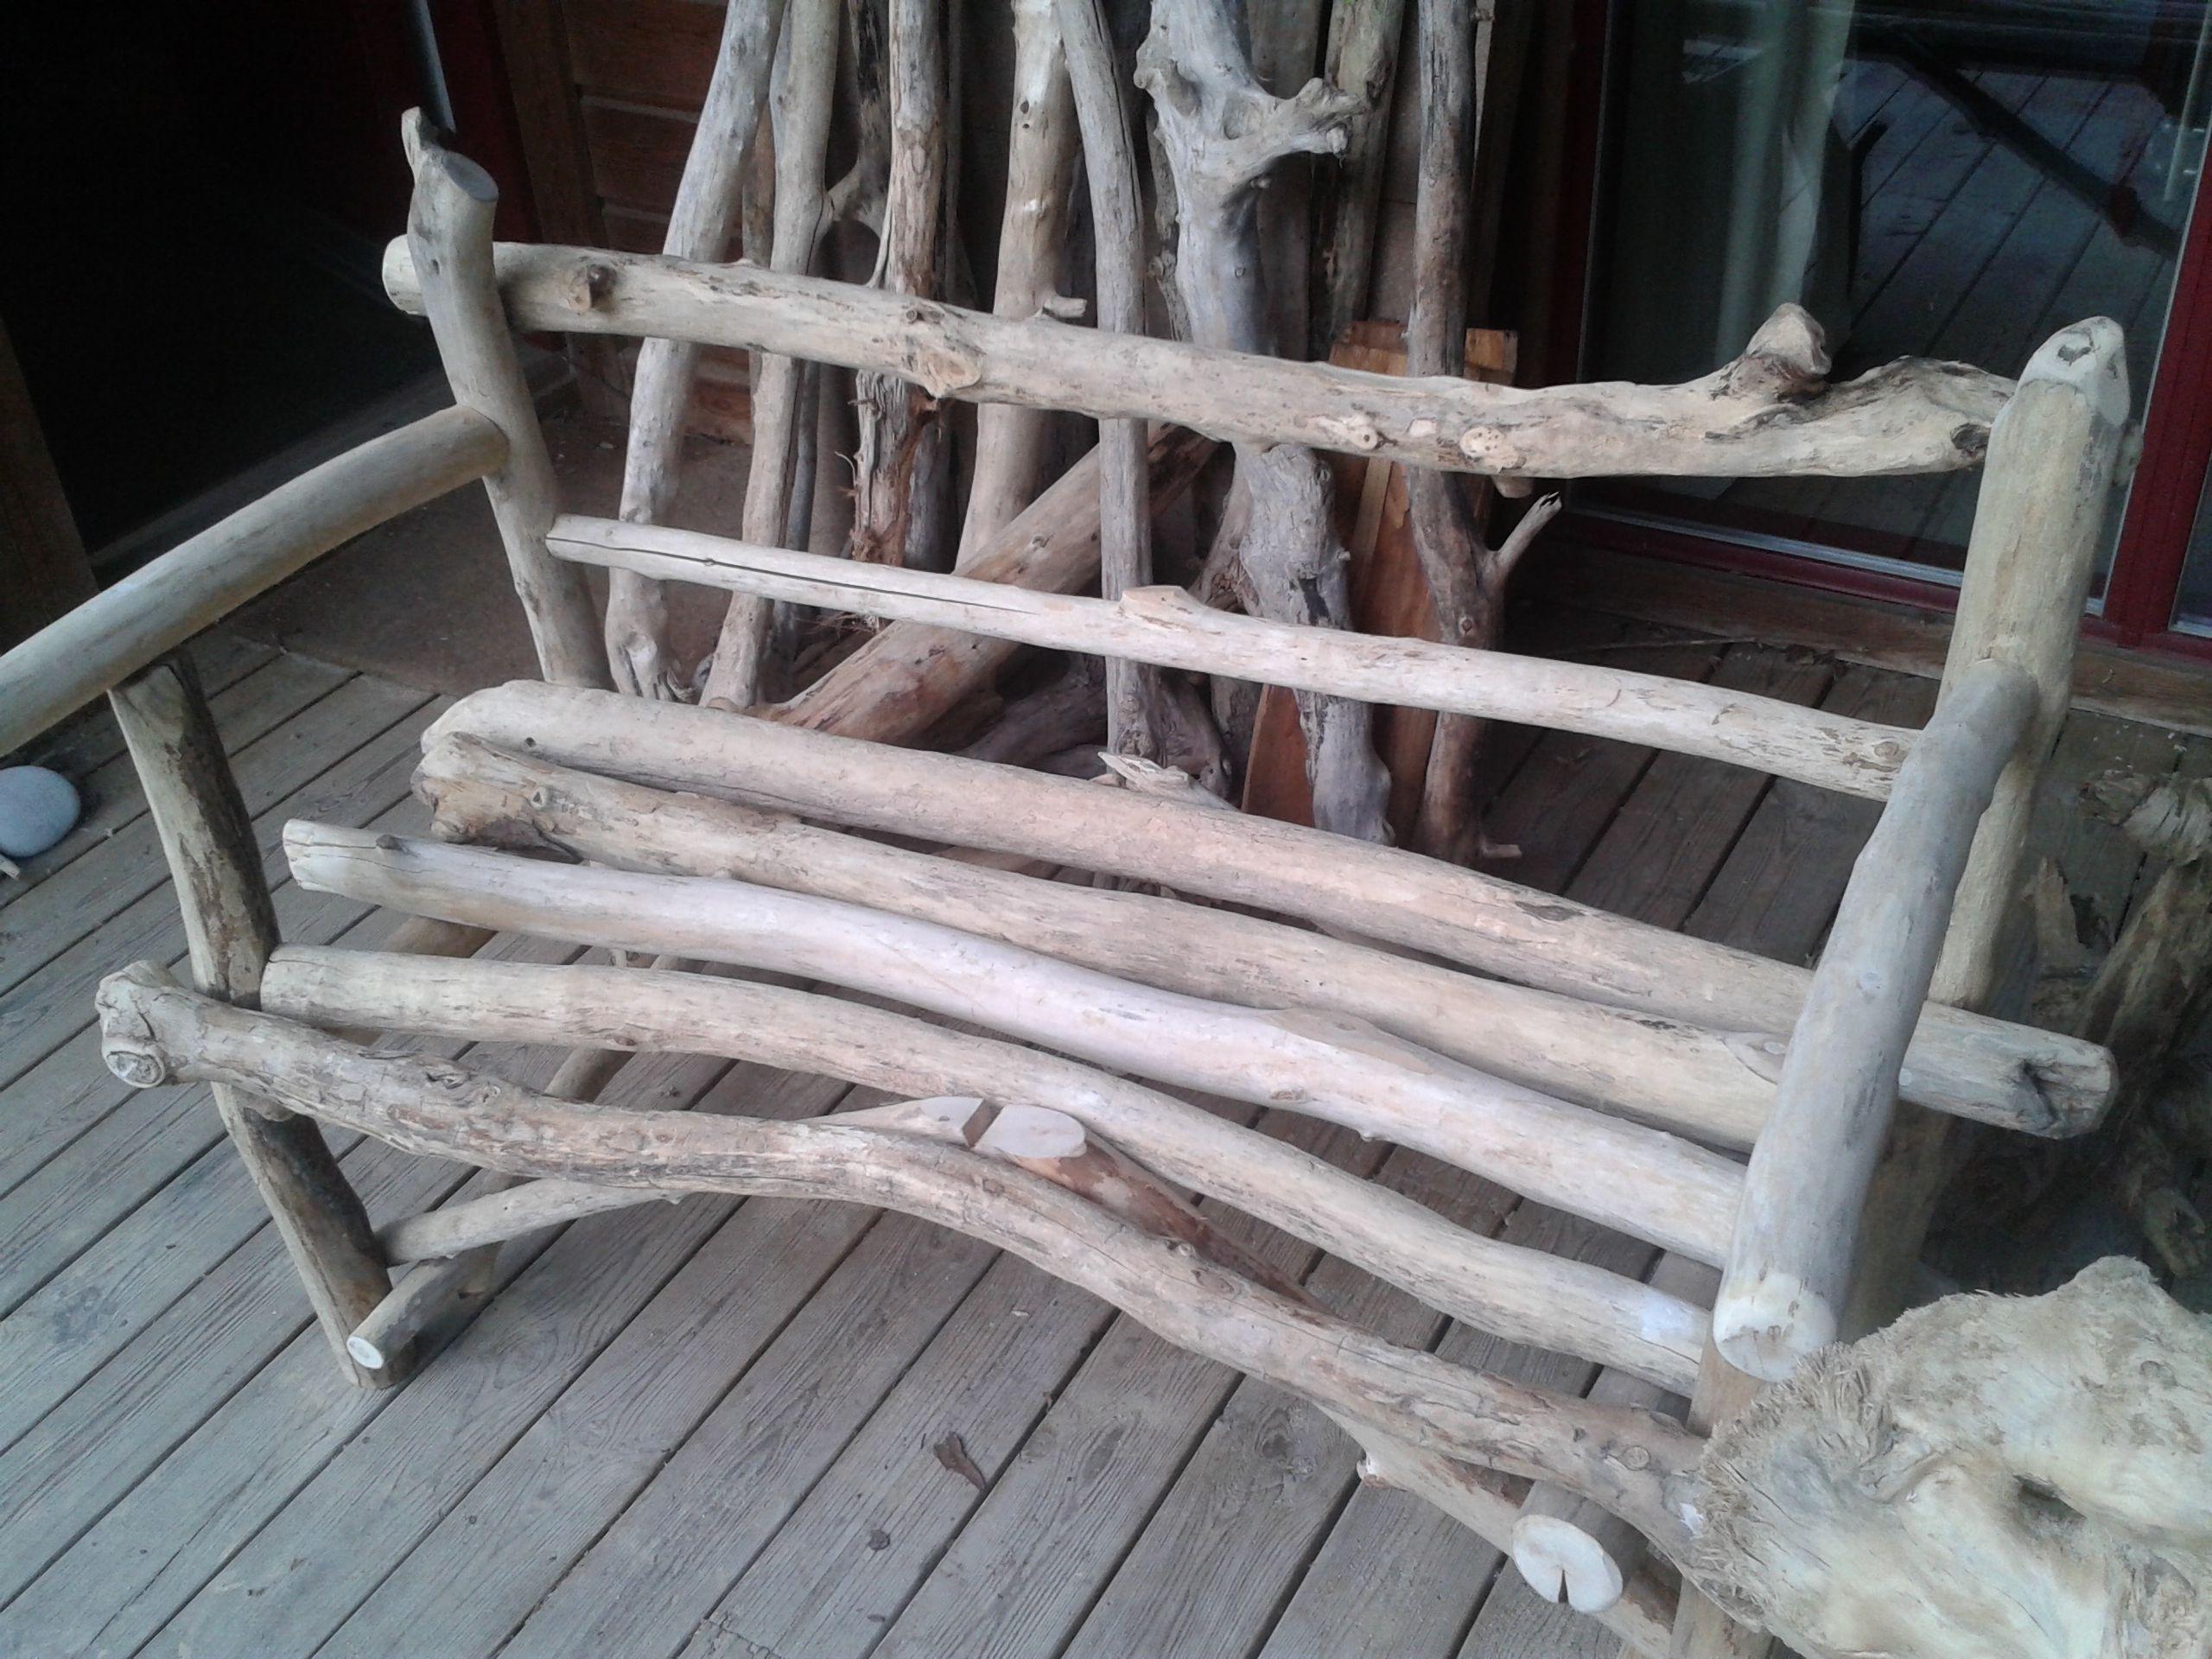 Banc en bois flott int rieur ou ext rieur fabriqu par didier fasse artisan designer de - Chaise bois flotte ...